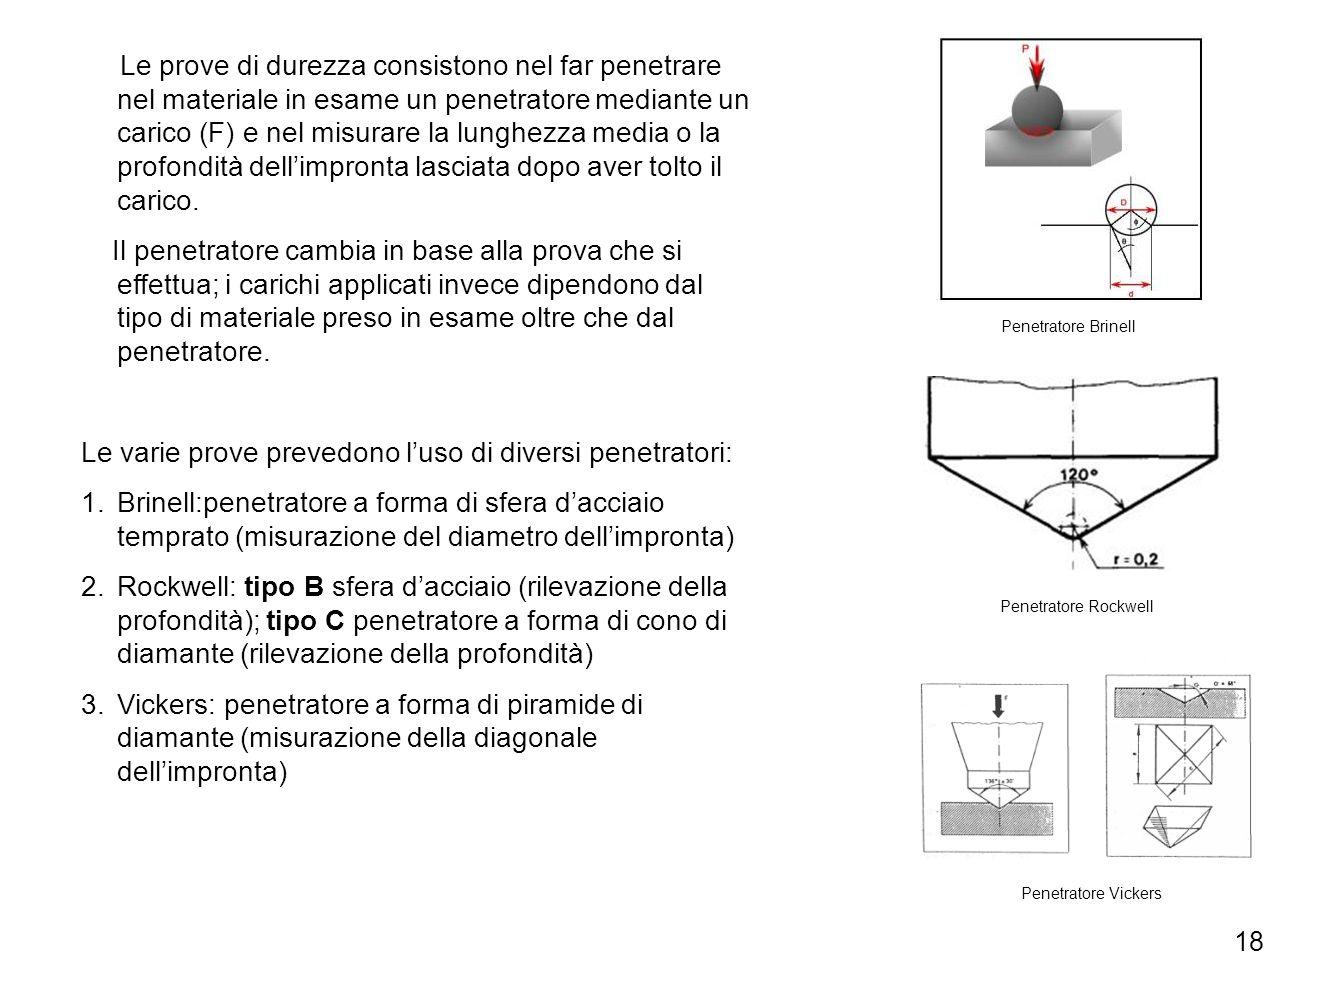 18 Le prove di durezza consistono nel far penetrare nel materiale in esame un penetratore mediante un carico (F) e nel misurare la lunghezza media o l